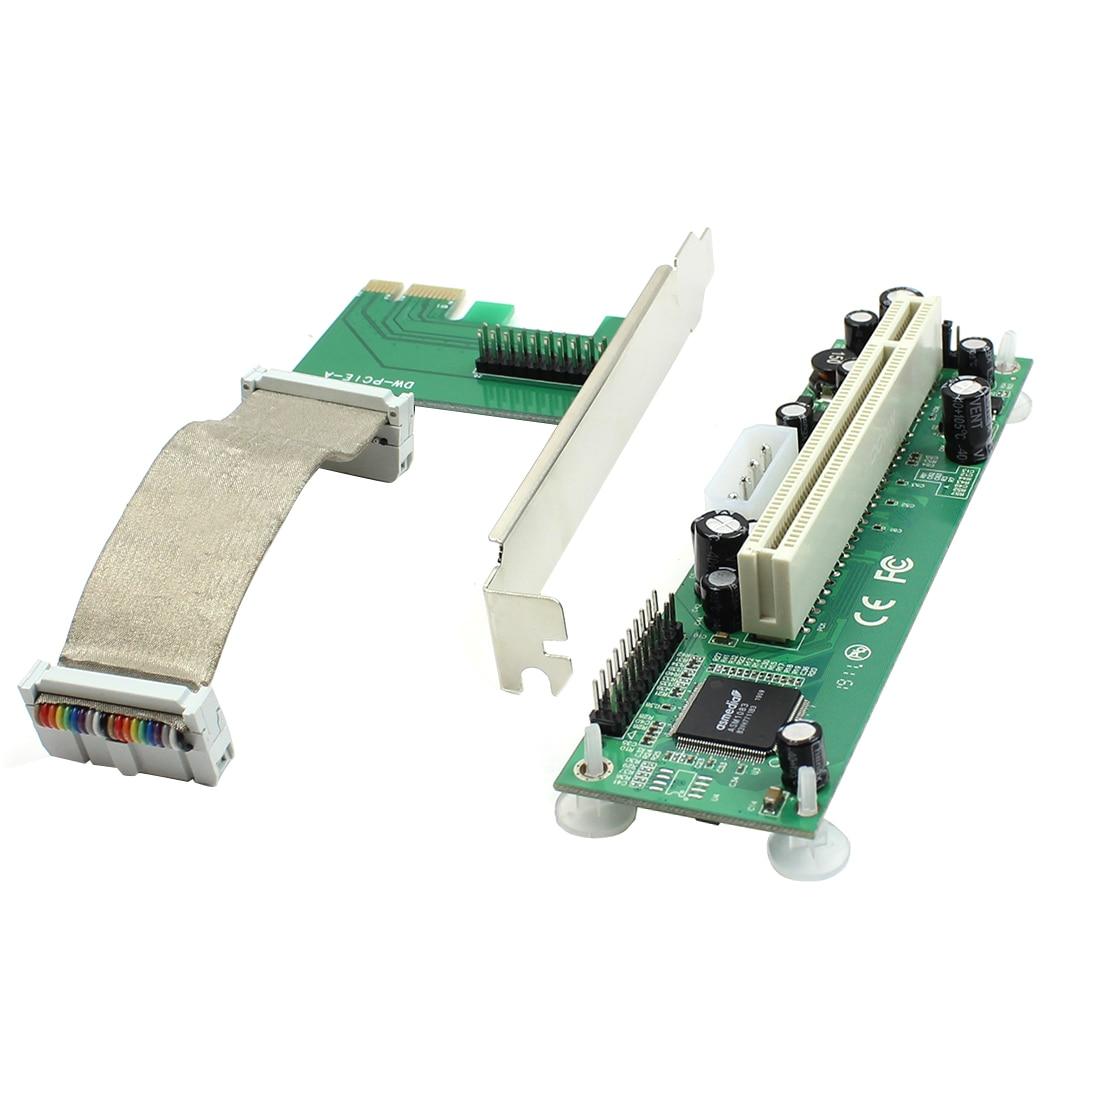 PCI-E PCI Express a PCI adaptador Cable Flexible Mini PCI-E 1x a 16x extensor de tarjeta de cinta para minero de Bitcoin